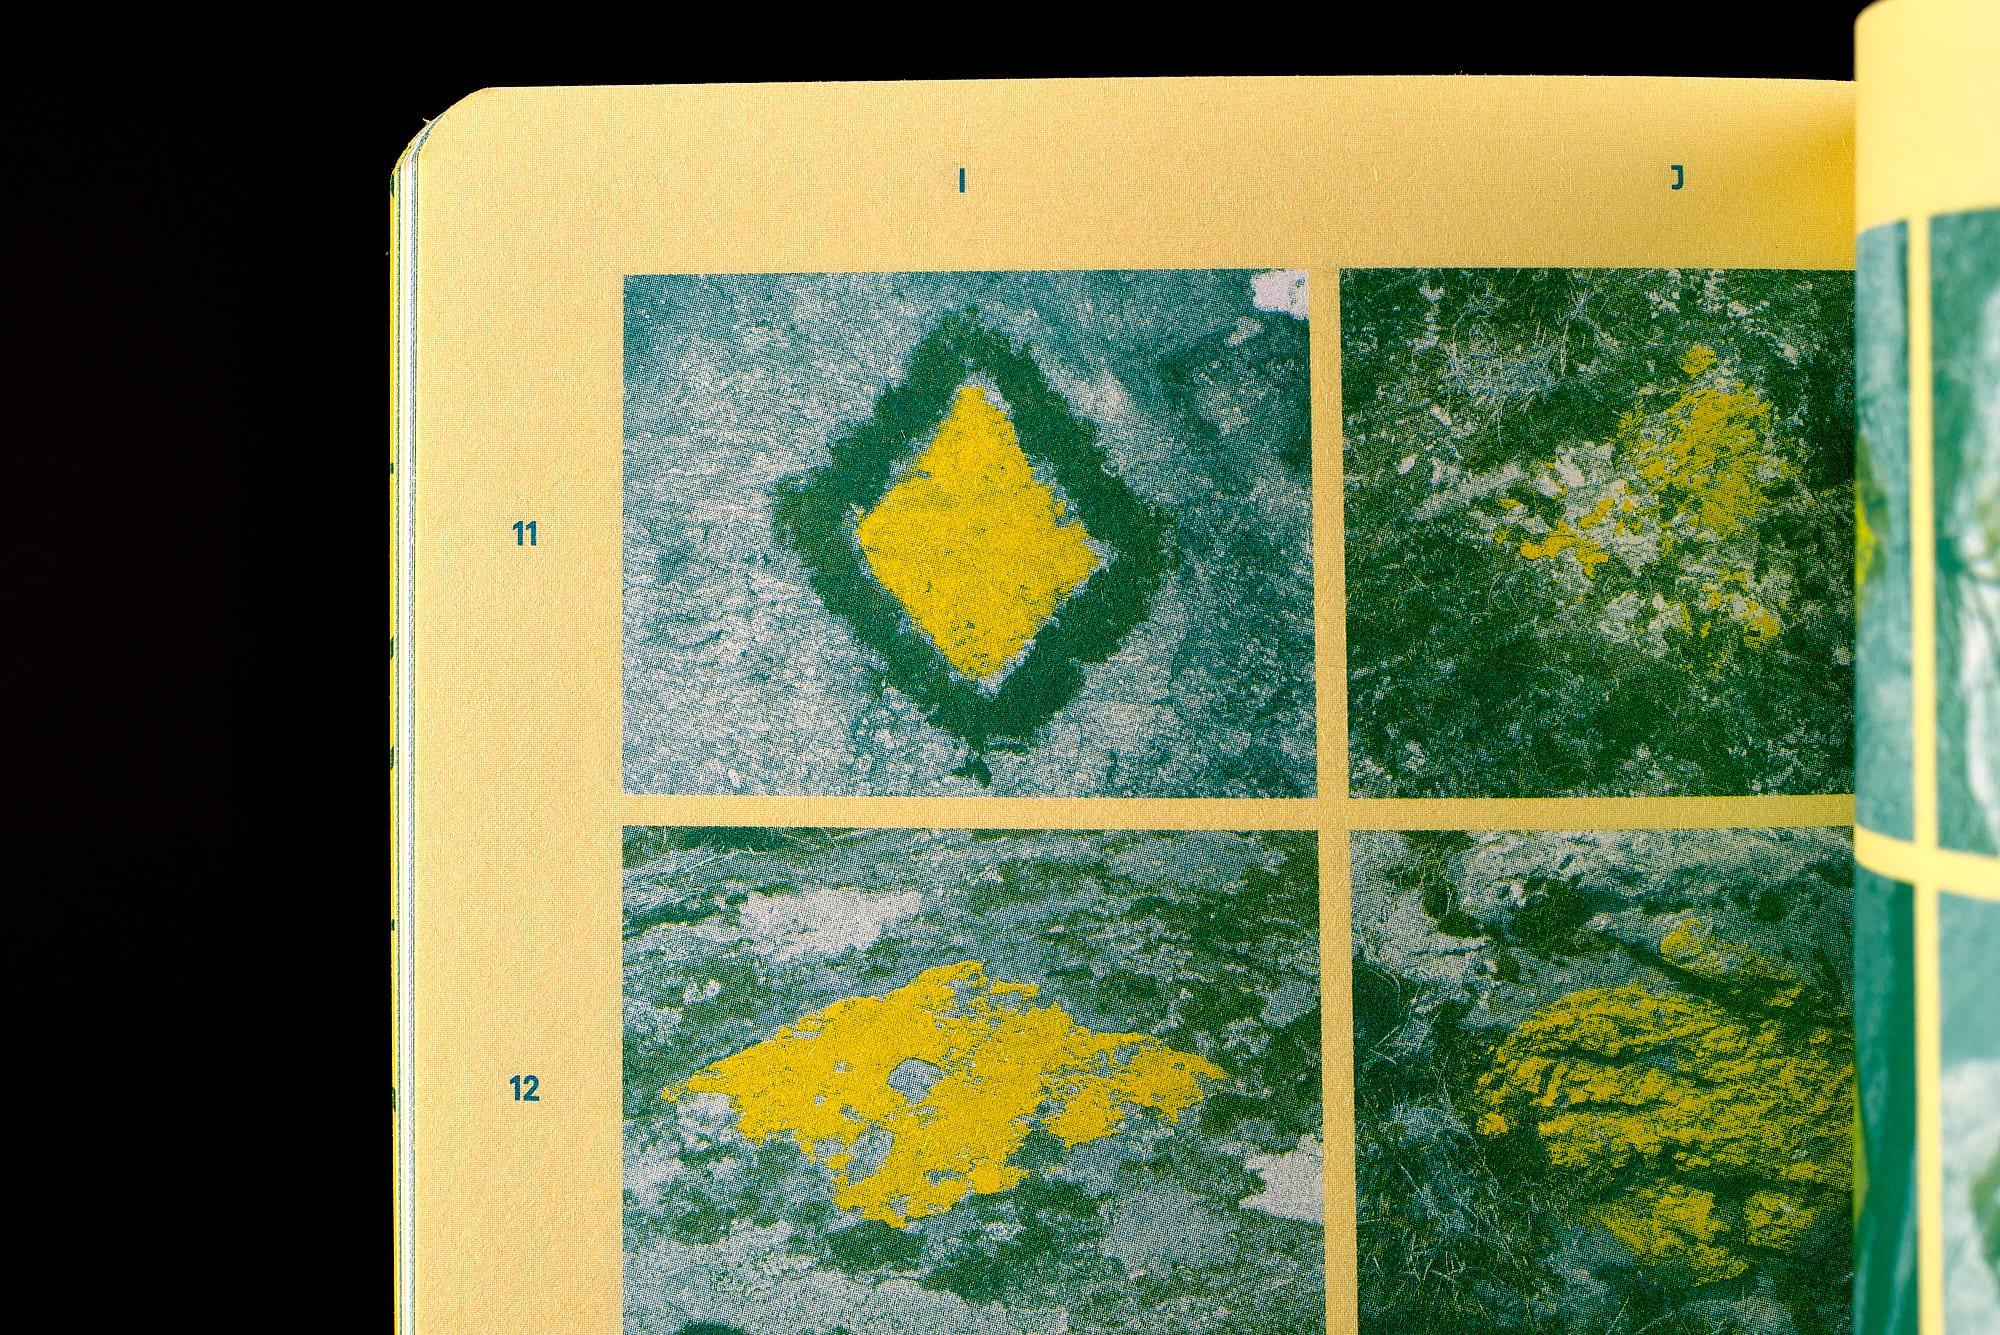 BB02 Losanges sur pierres des Alpes suisses - pages 38-39, détail de spécimens